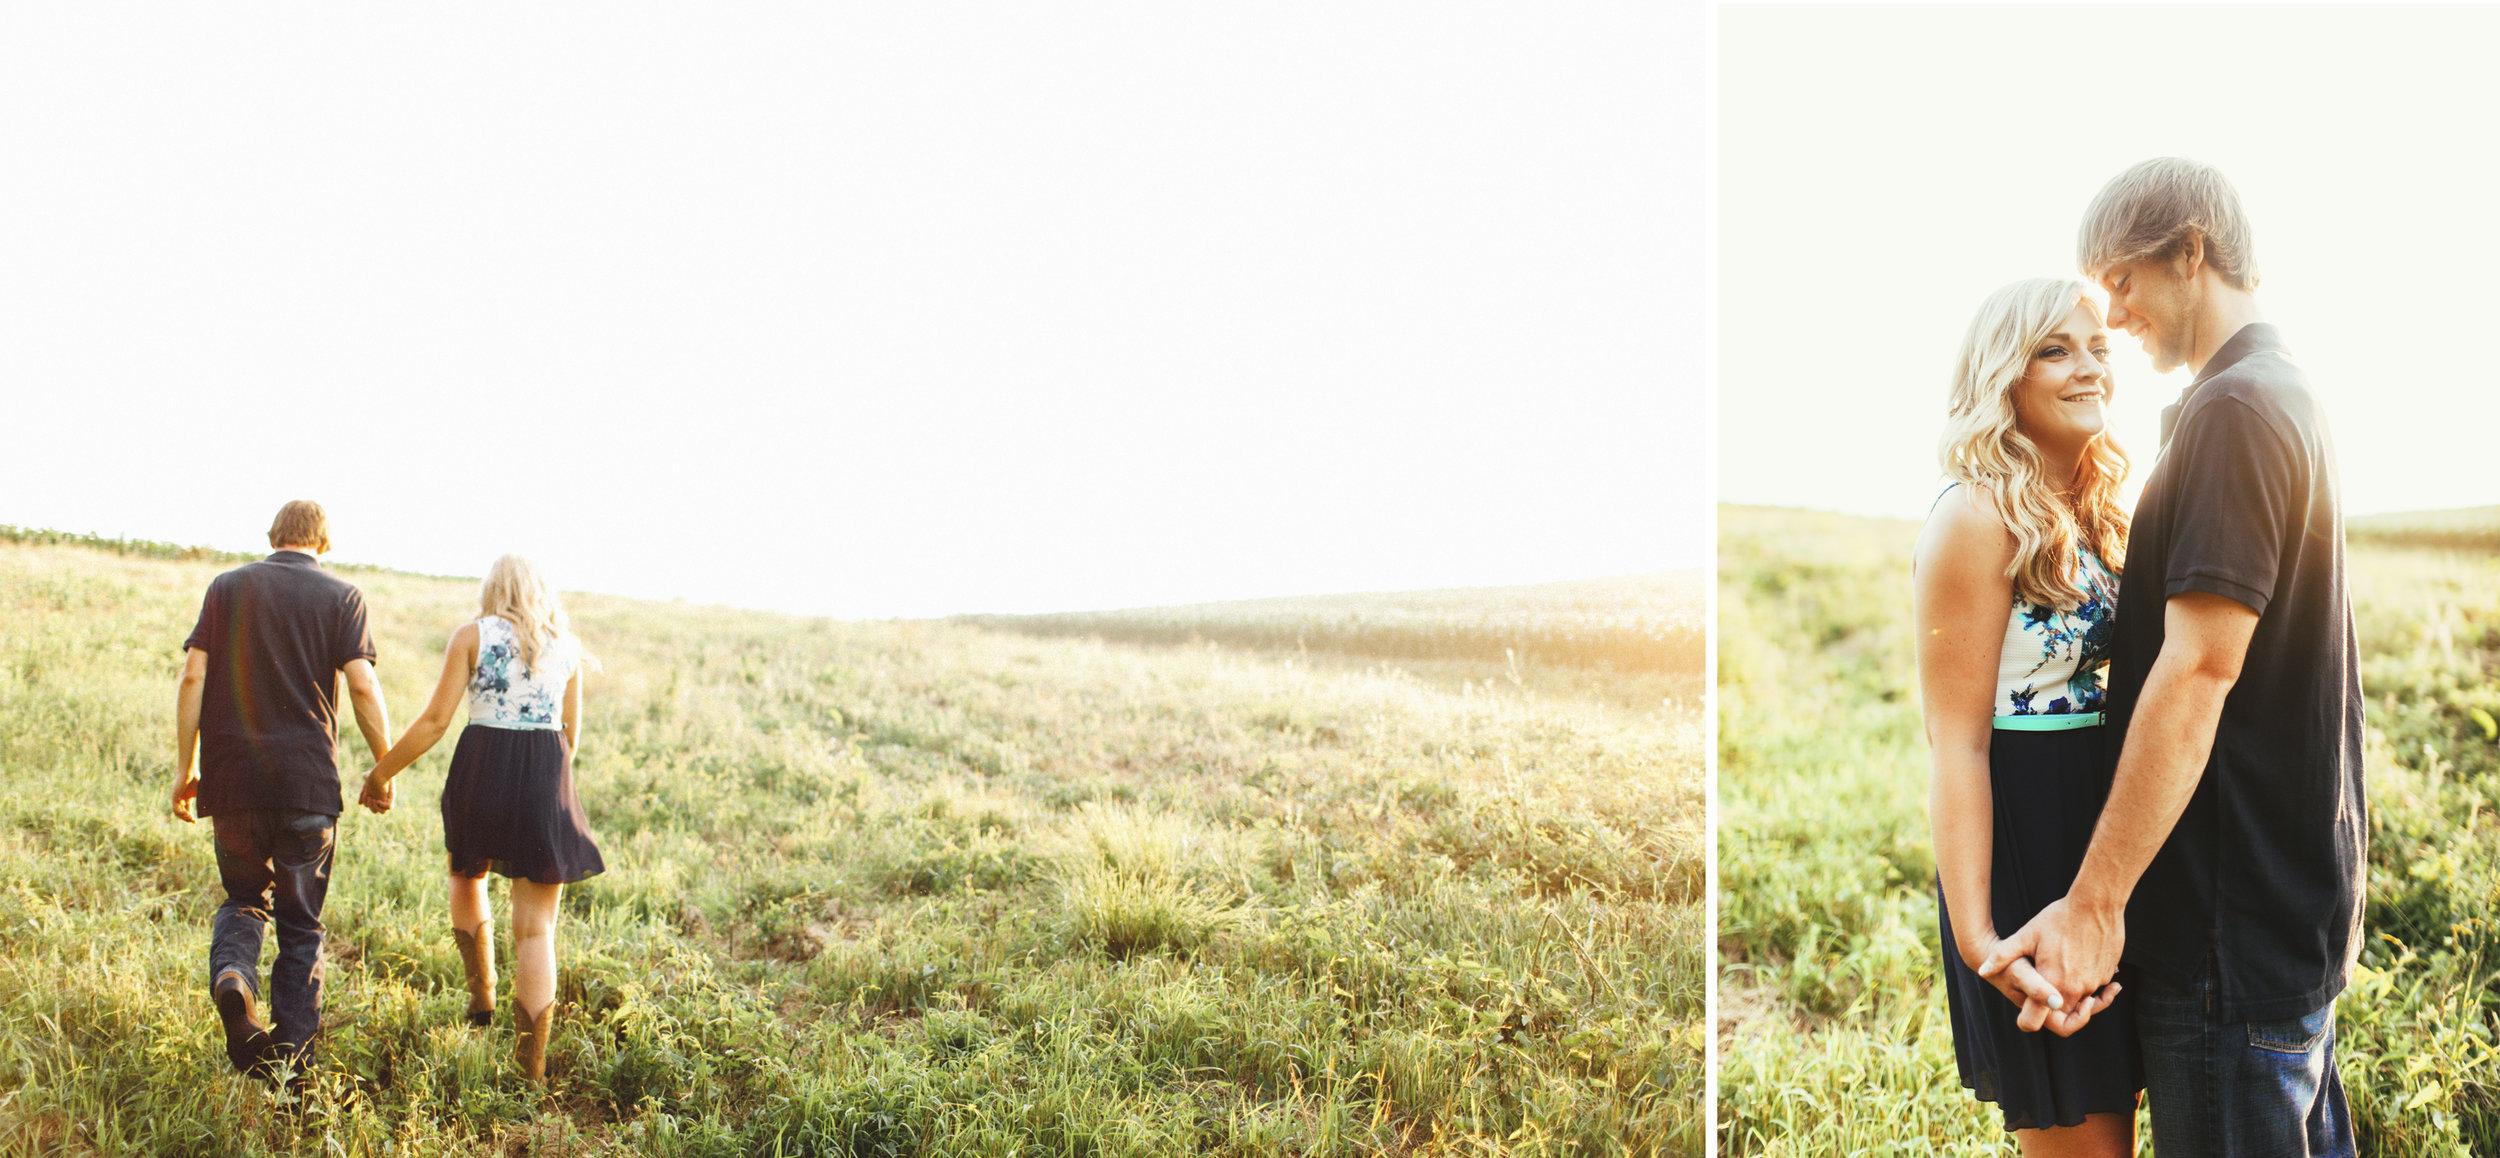 rebekahviolaphotography